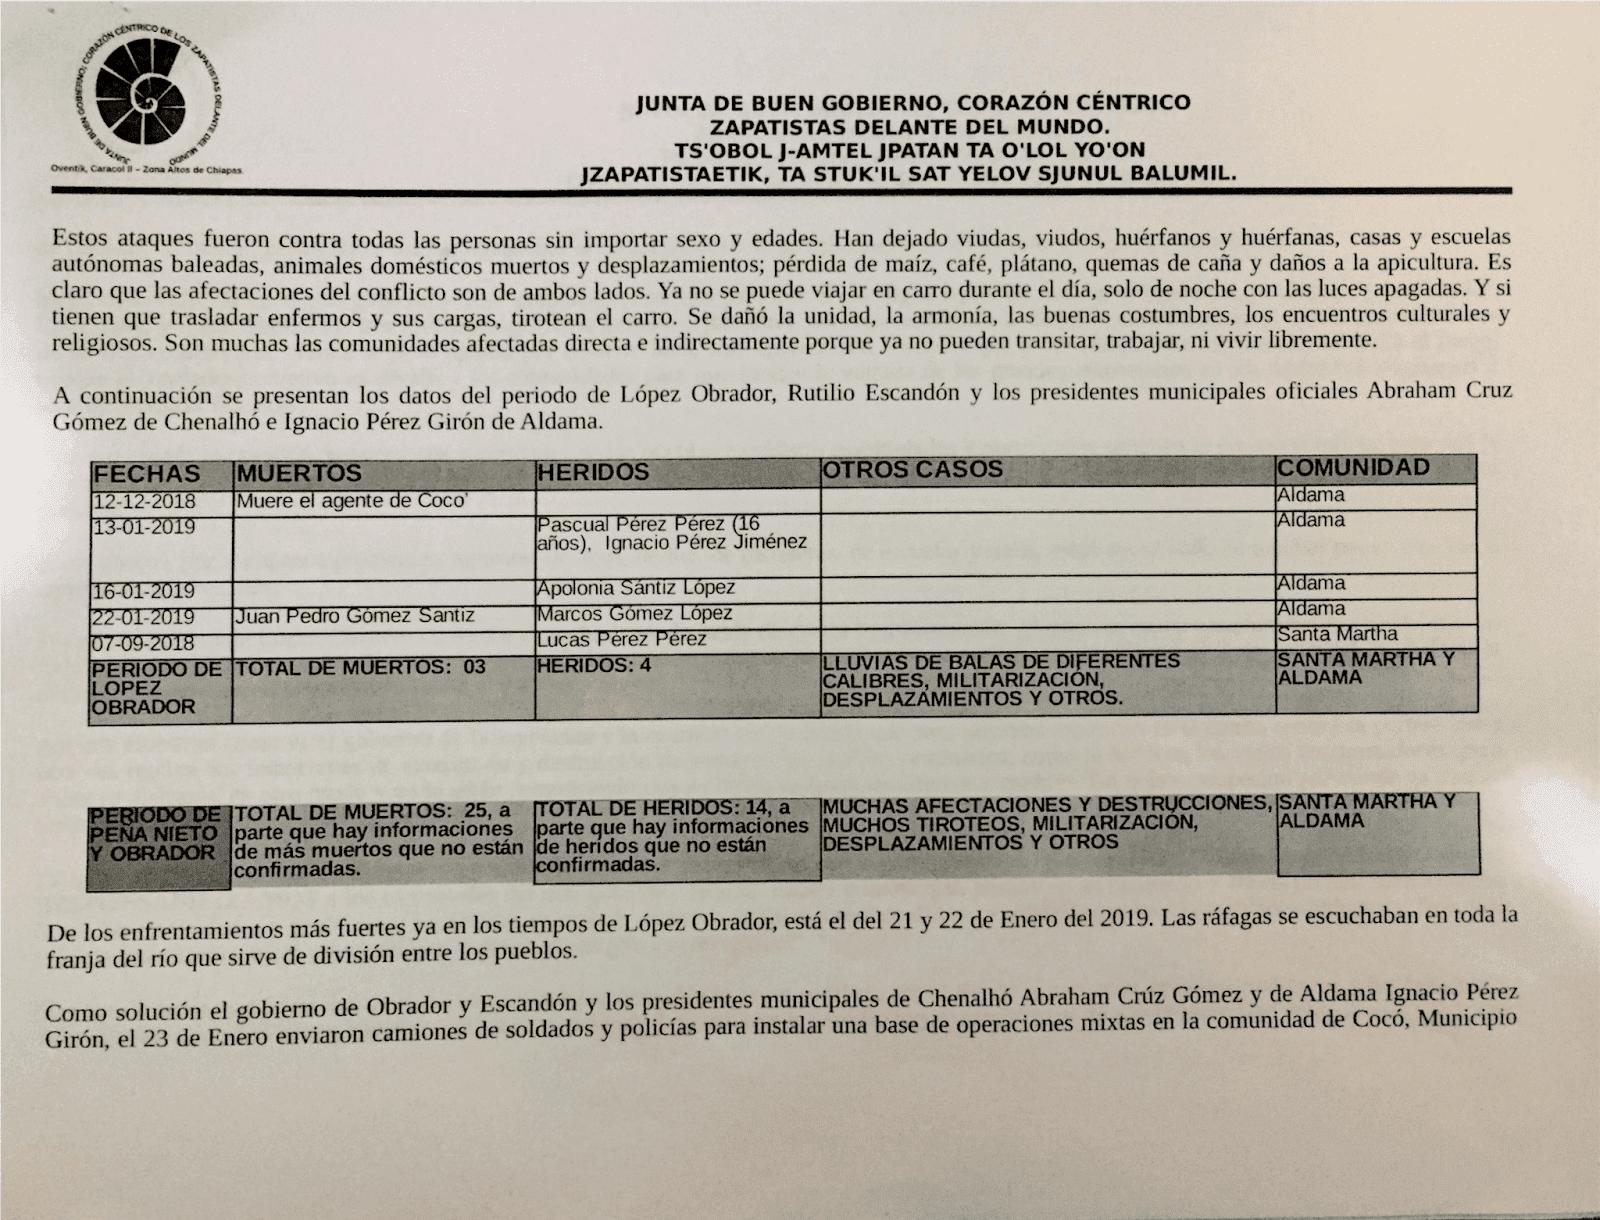 Registros de muertes_Junta de Gobierno Zapatista_5